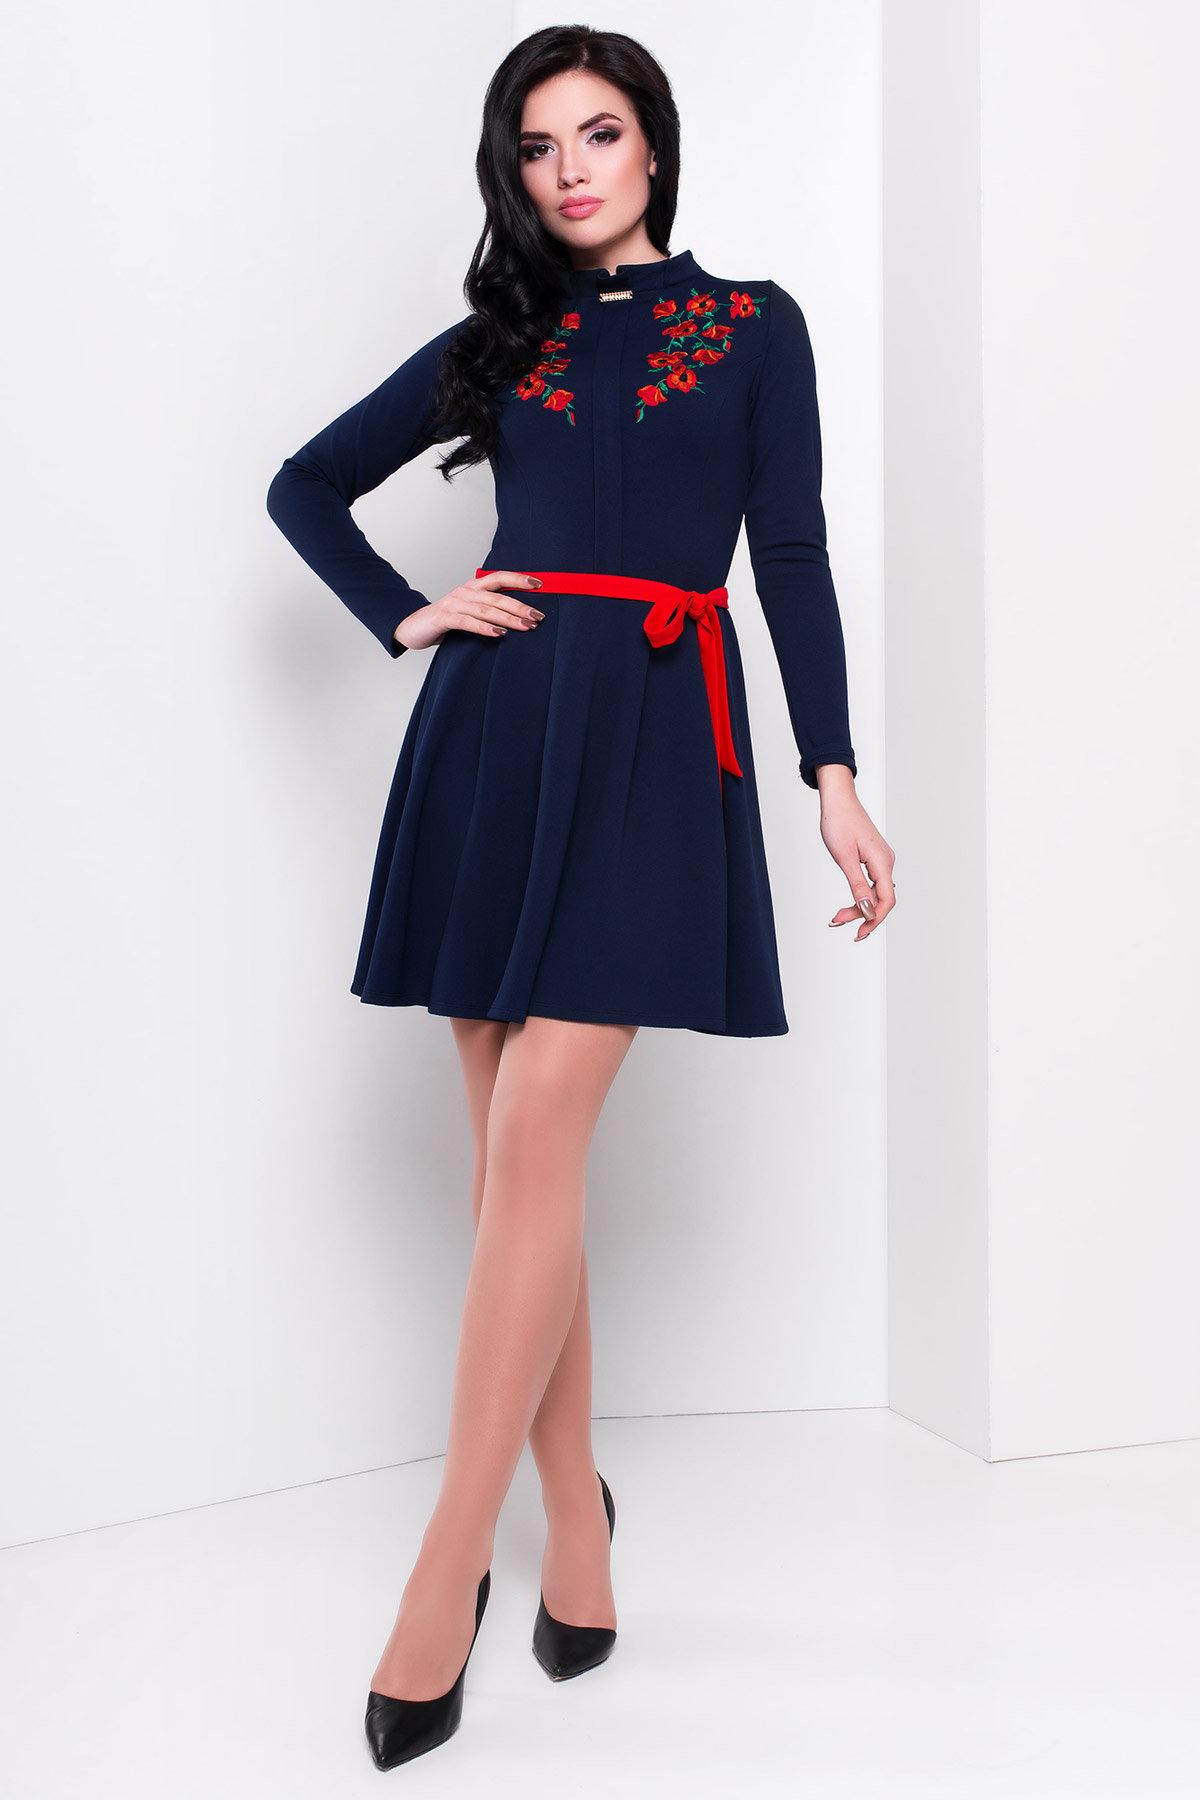 Оптовый интернет-магазин платьев Modus Платье Иванка 2995